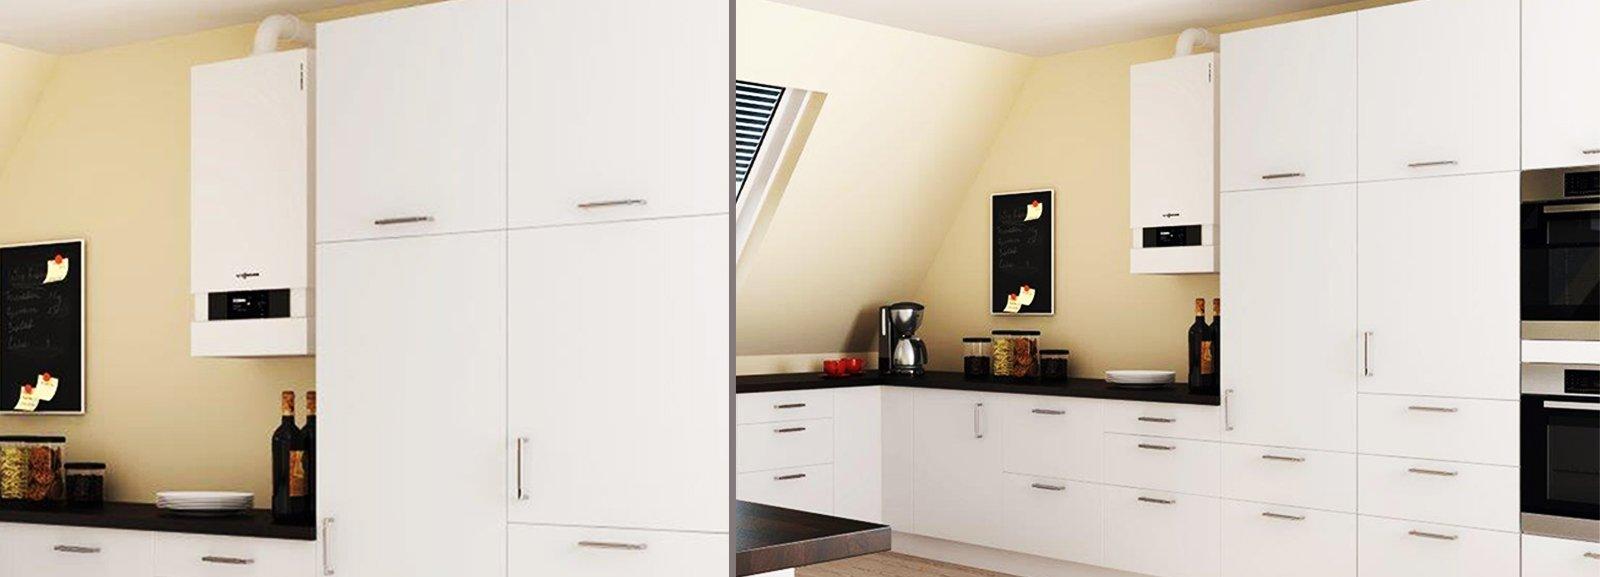 Una nuova caldaia incentivi e spese cose di casa for Viessmann caldaie